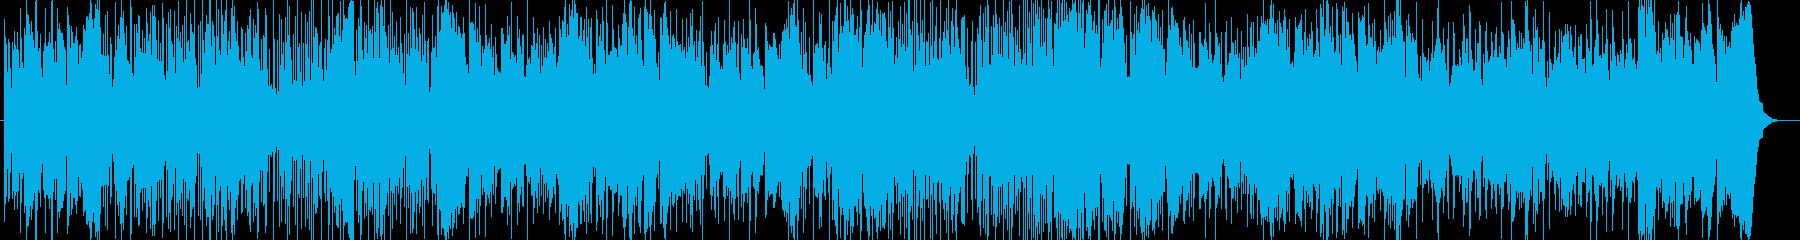 壮大なストリングスが印象的なポップスの再生済みの波形